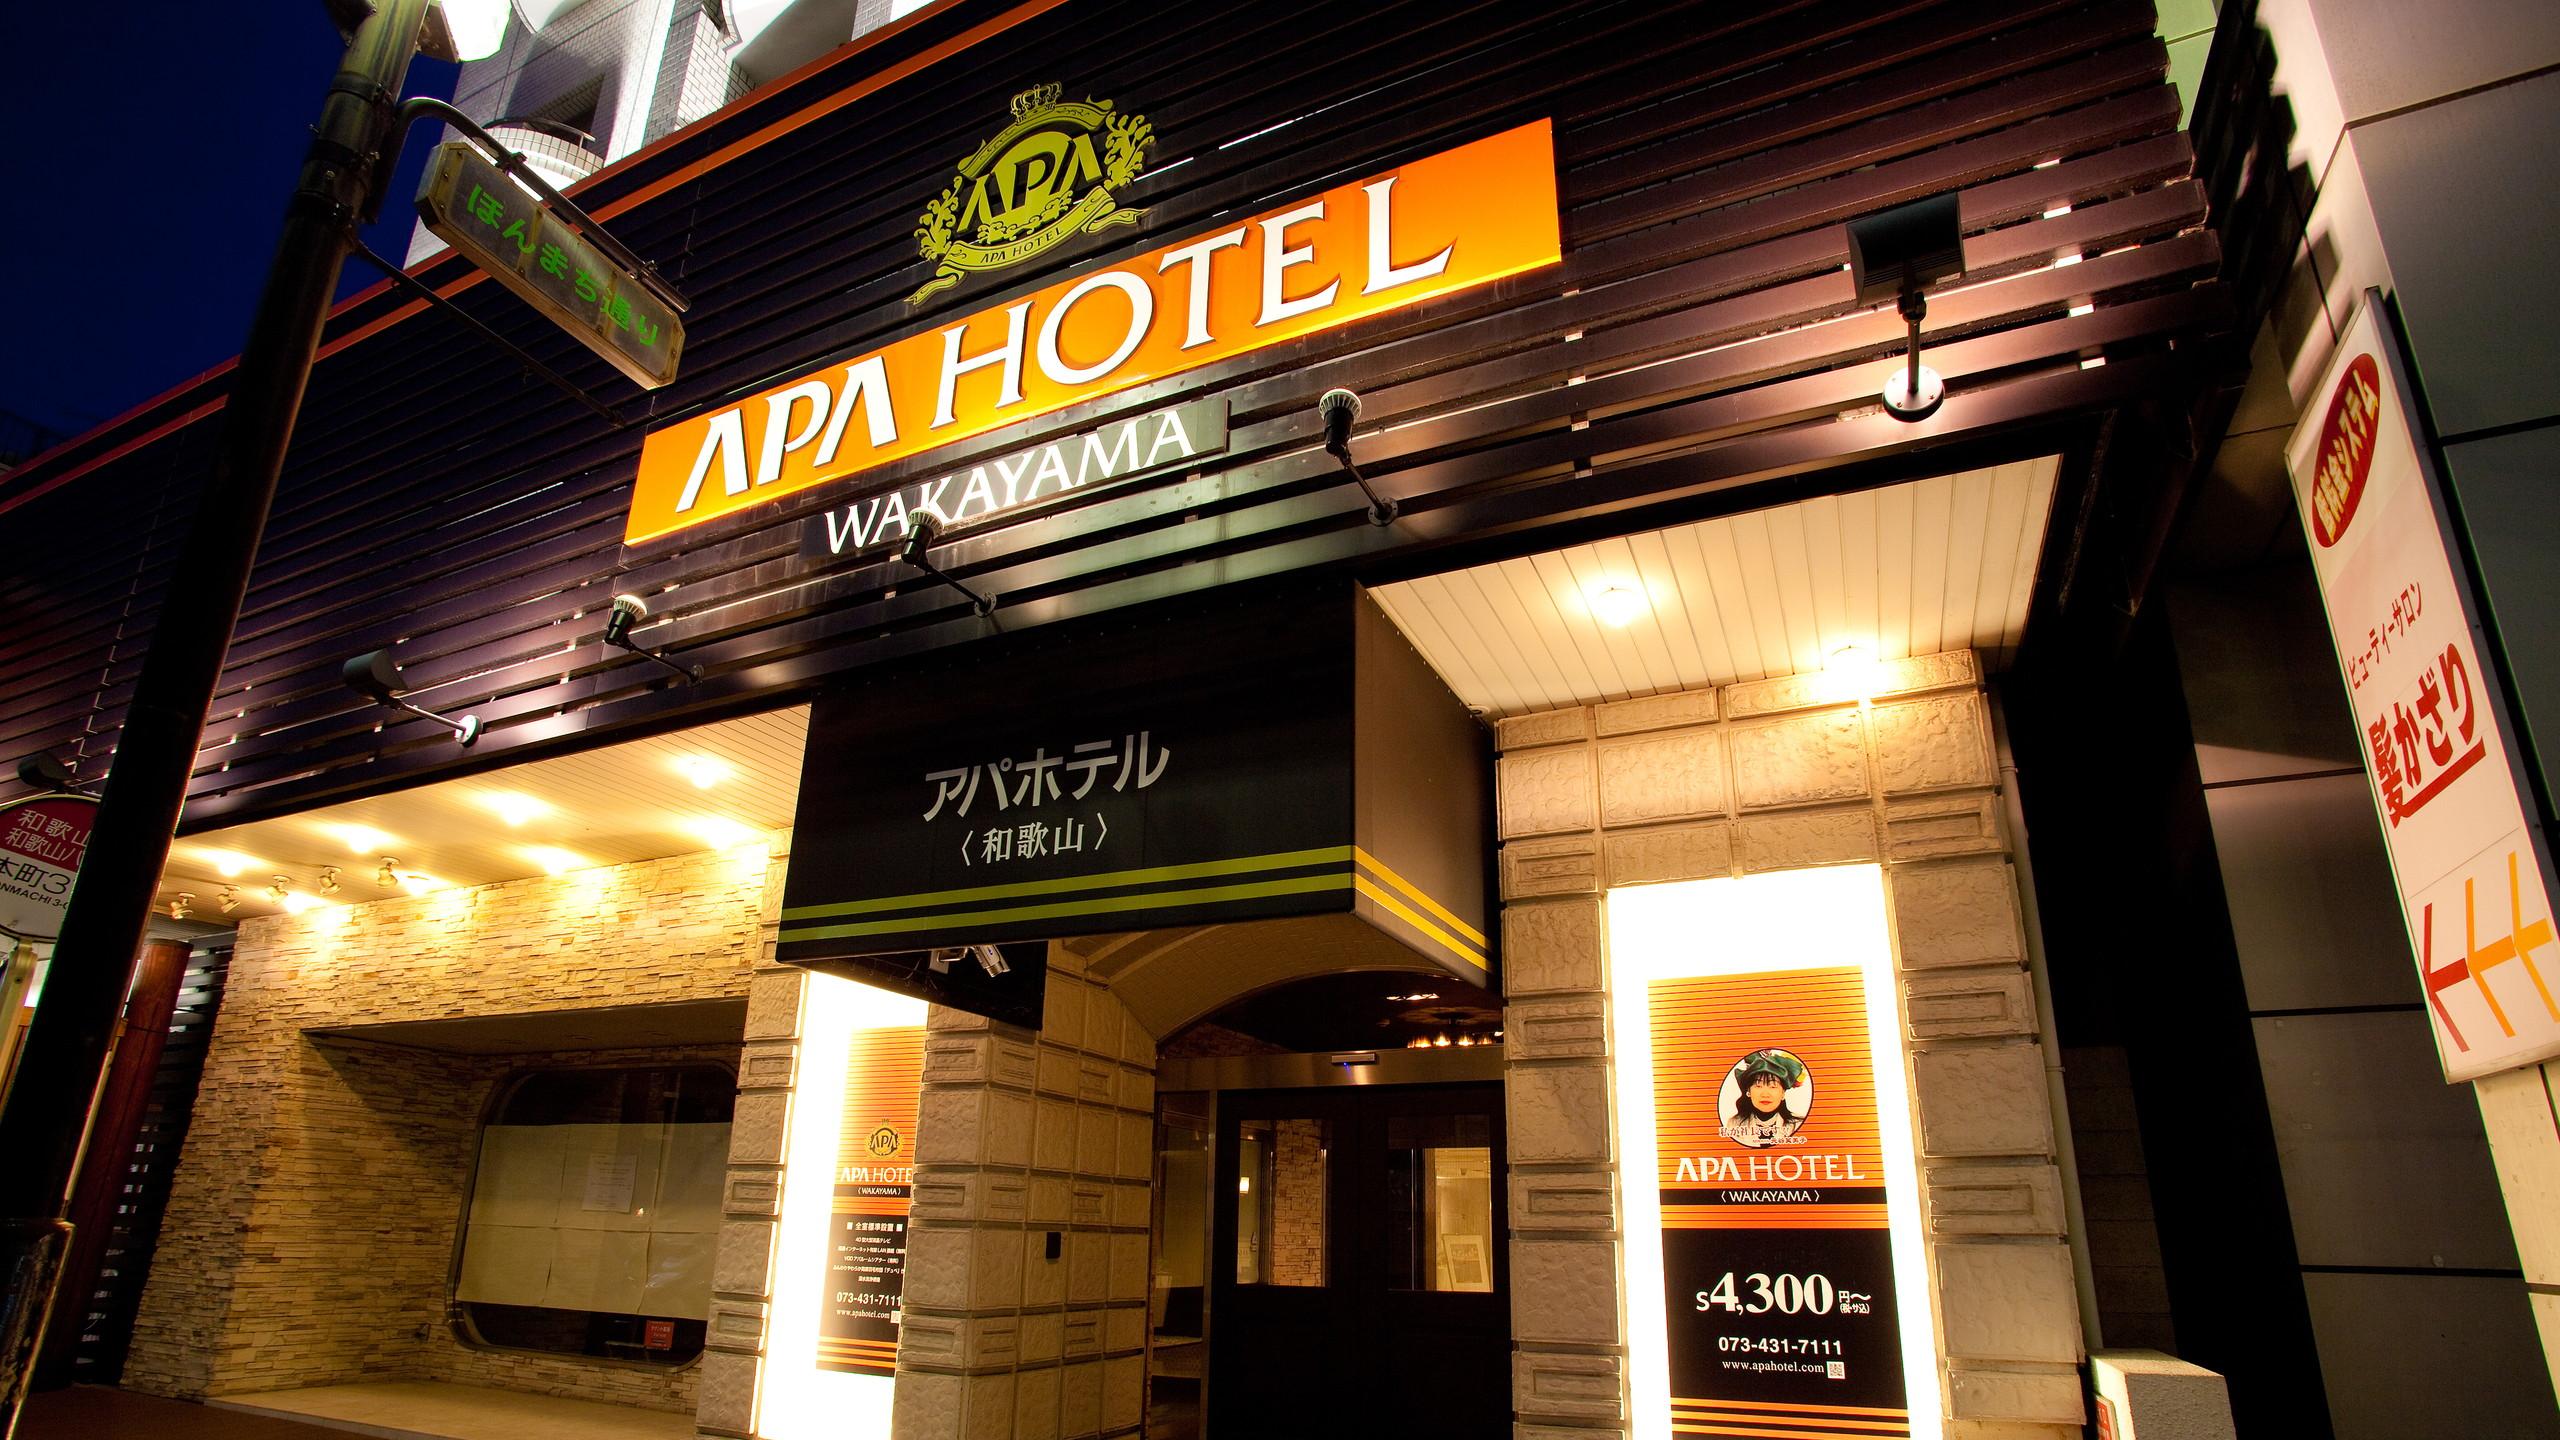 アパホテル 和歌山◆楽天トラベル